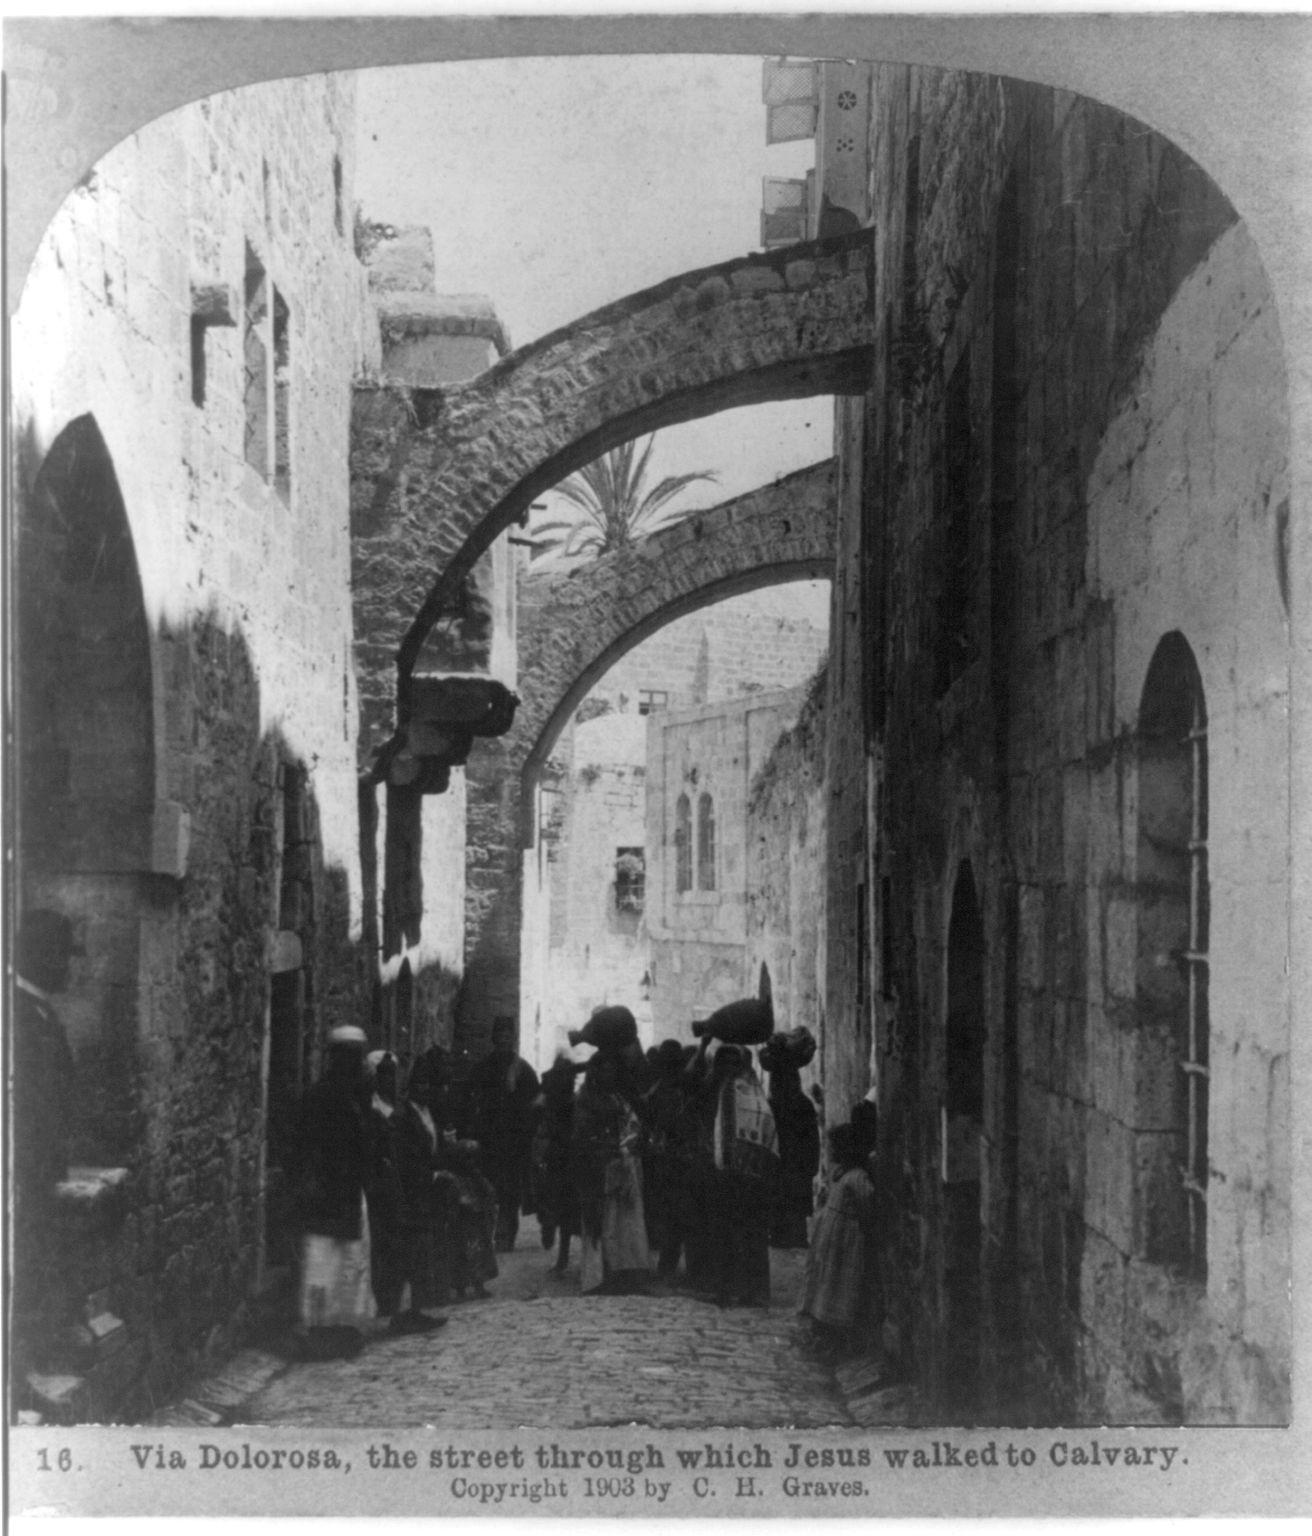 16. Иерусалим. Виа Долороза, улица по которой Иисус шел на Голгофу